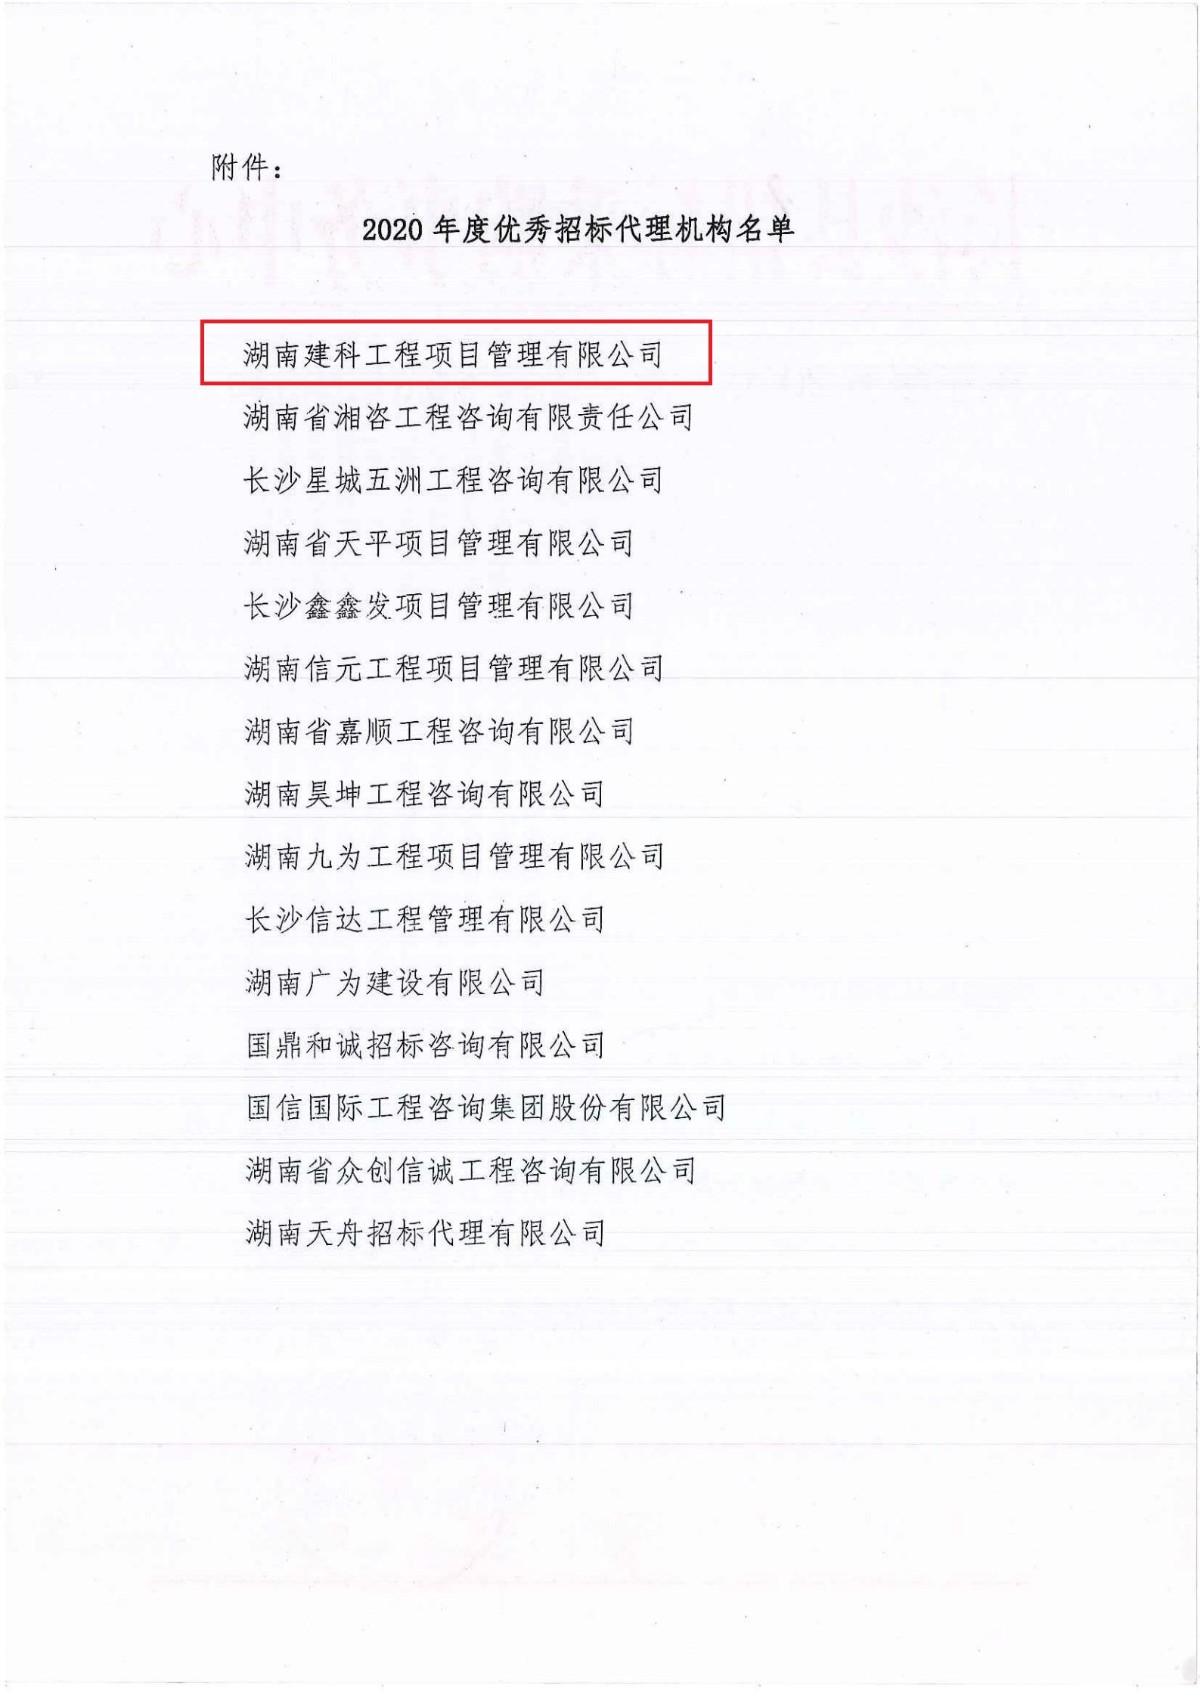 2020年优秀招标代理机构荣誉证书.jpg